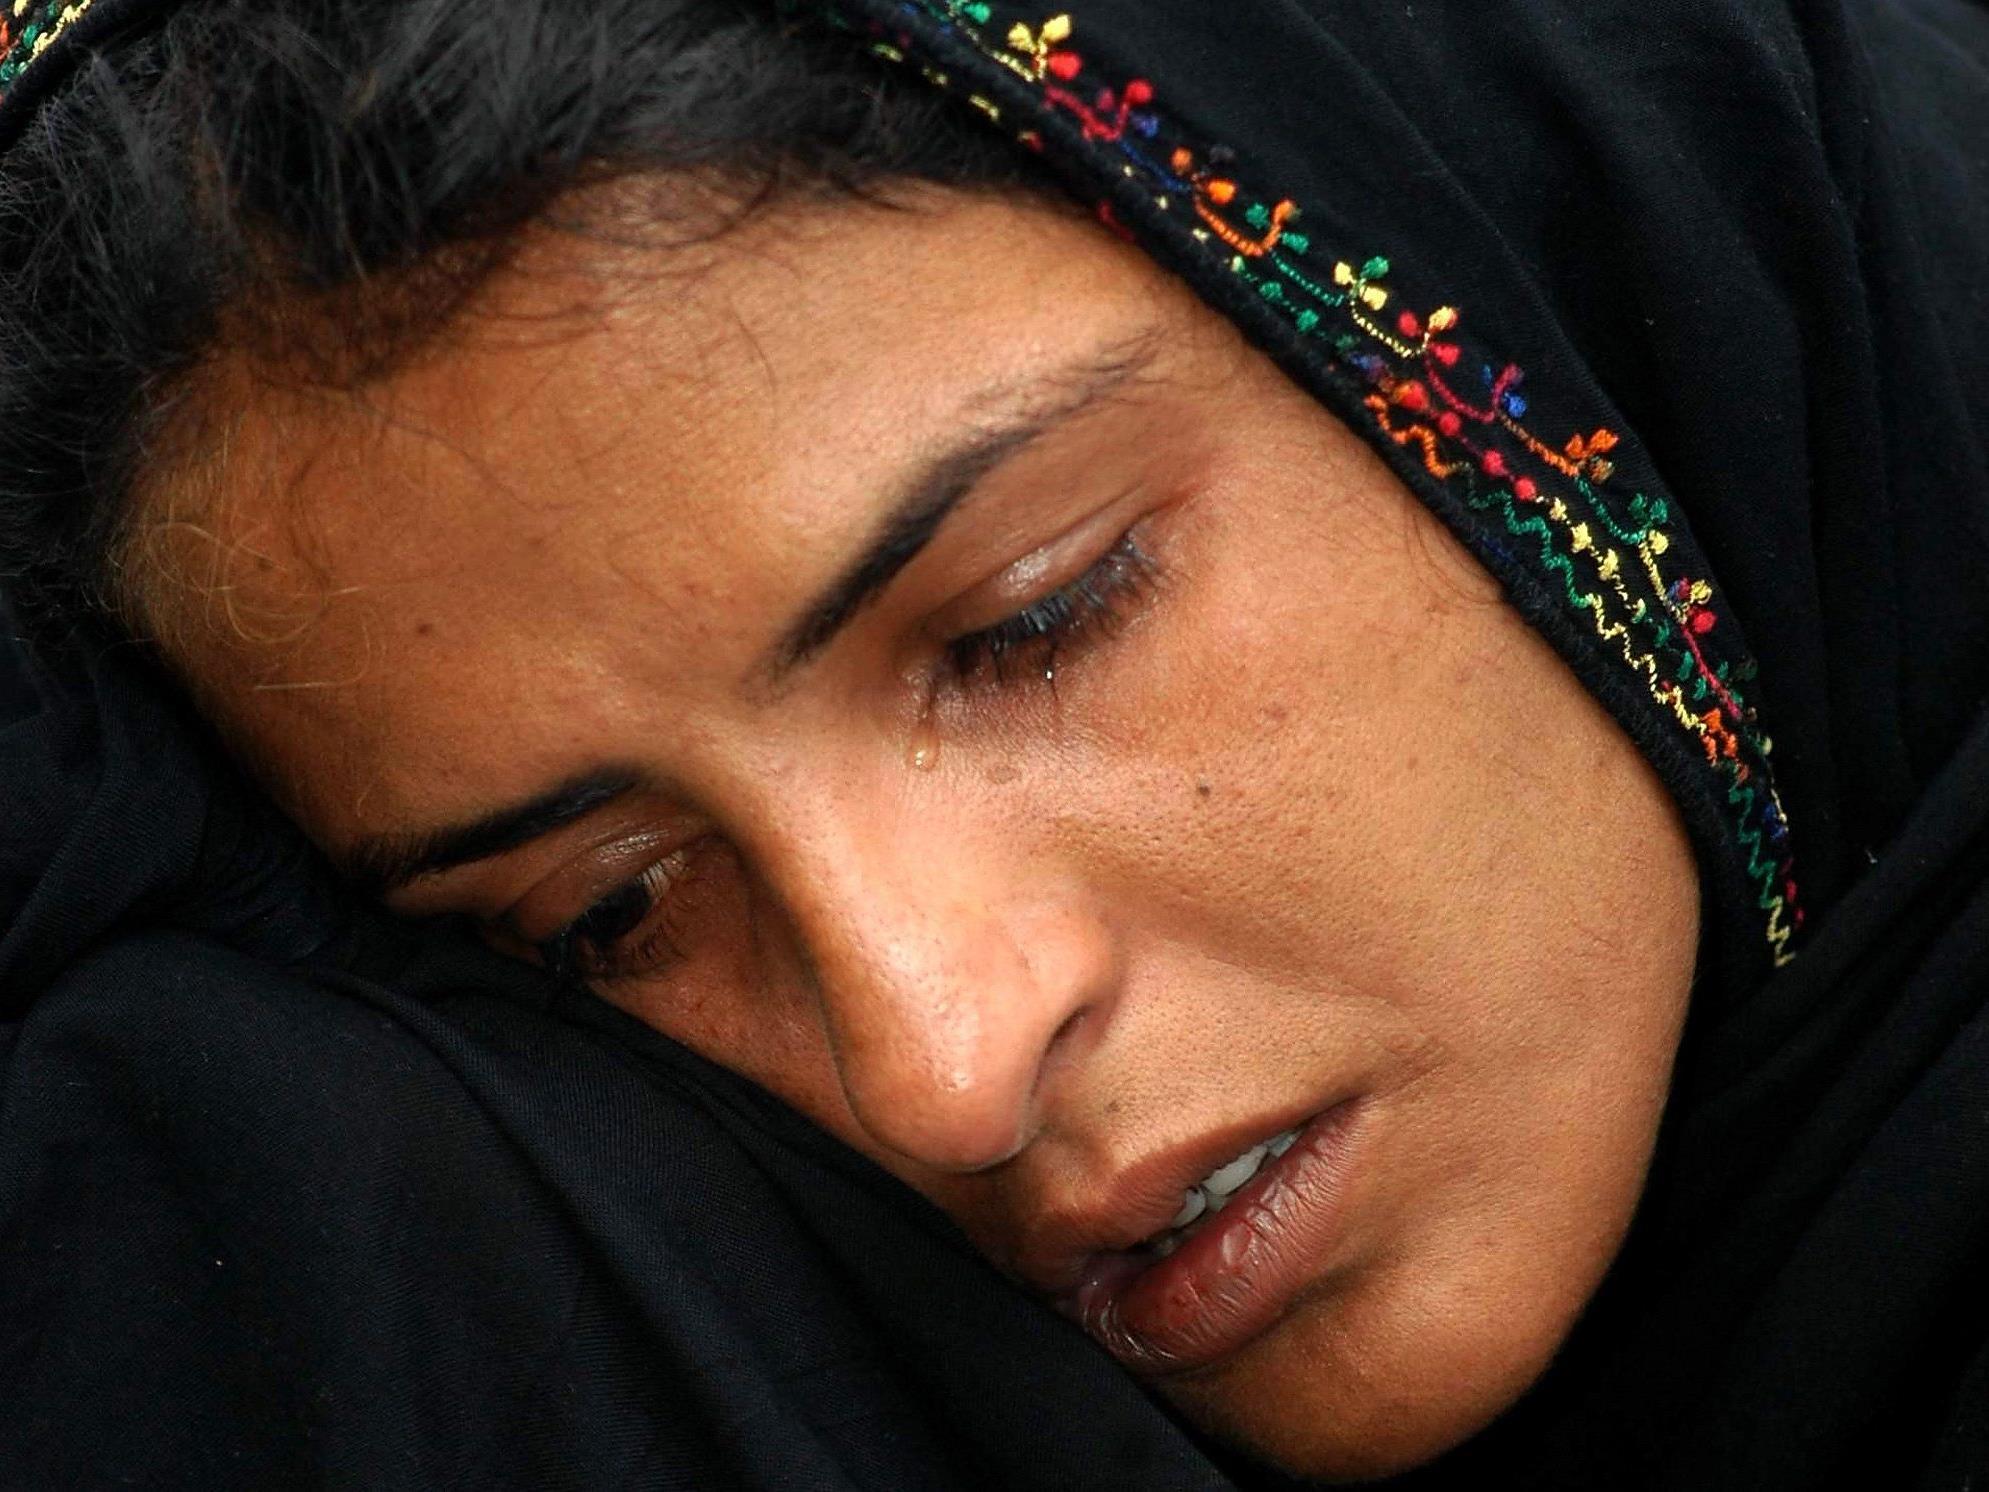 Mukhtar Mai war selbst Opfer einer Vergewaltigung - sie leitet nun eine Organisation für weibliche Gewaltopfer.